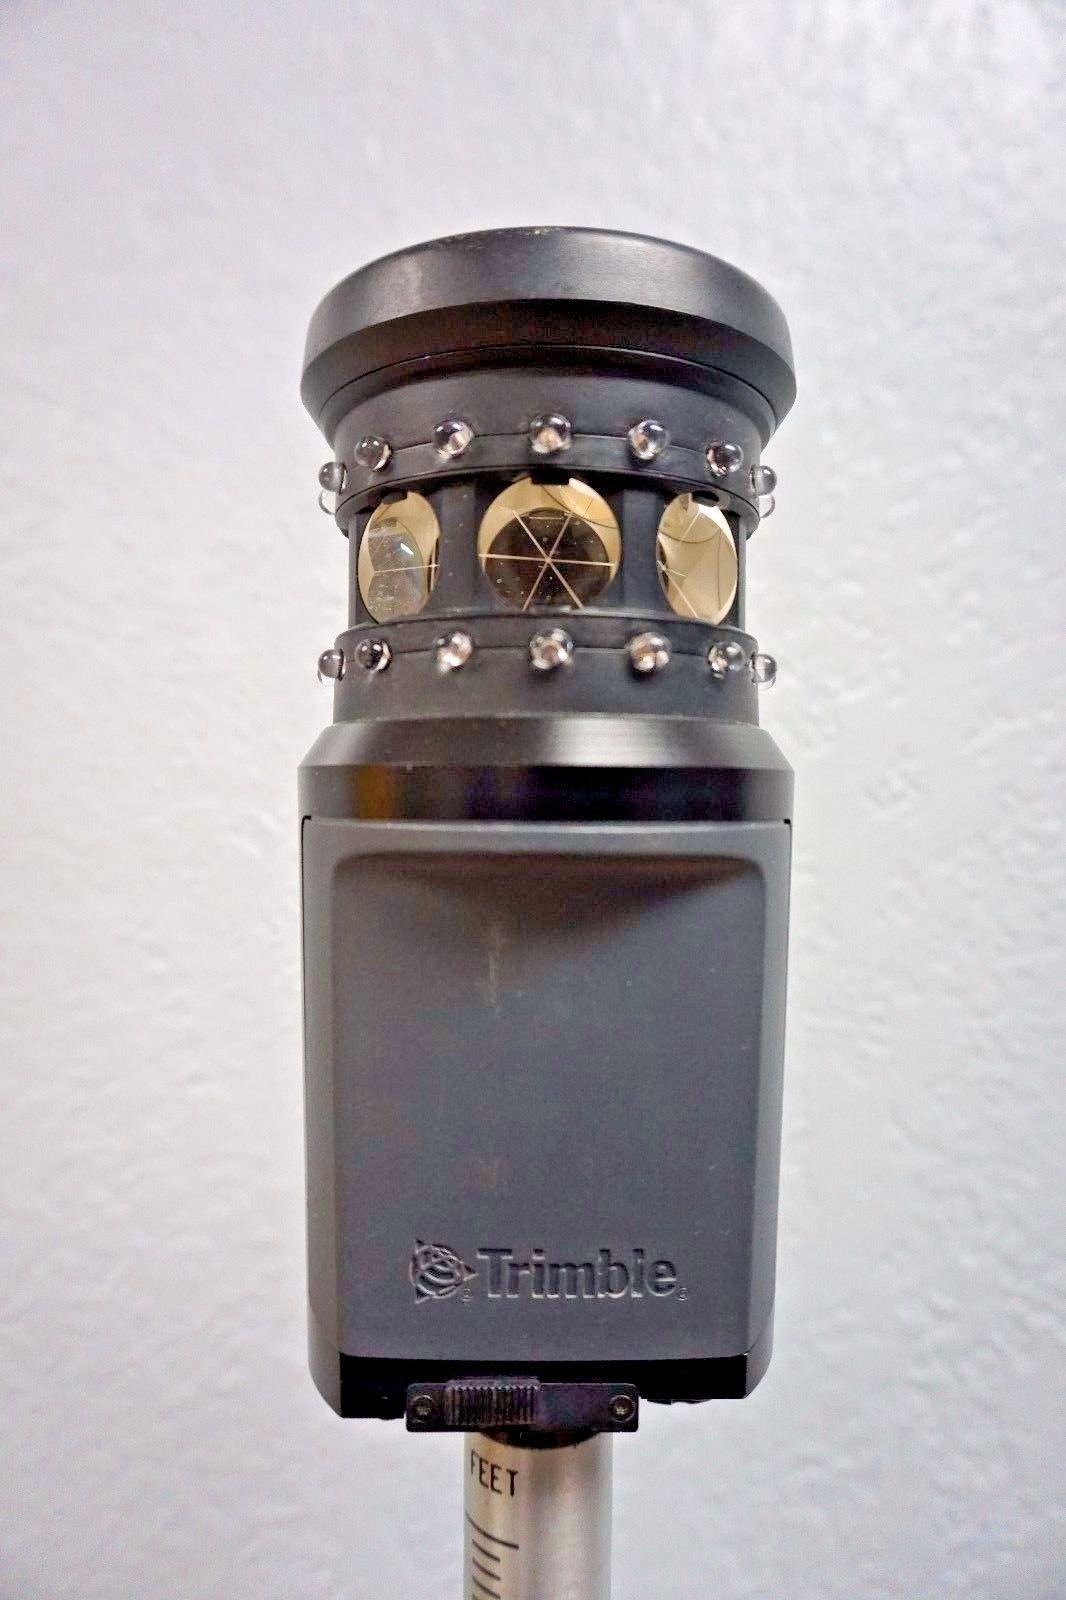 Trimble S5 DR Plus Robotic Total Station 3